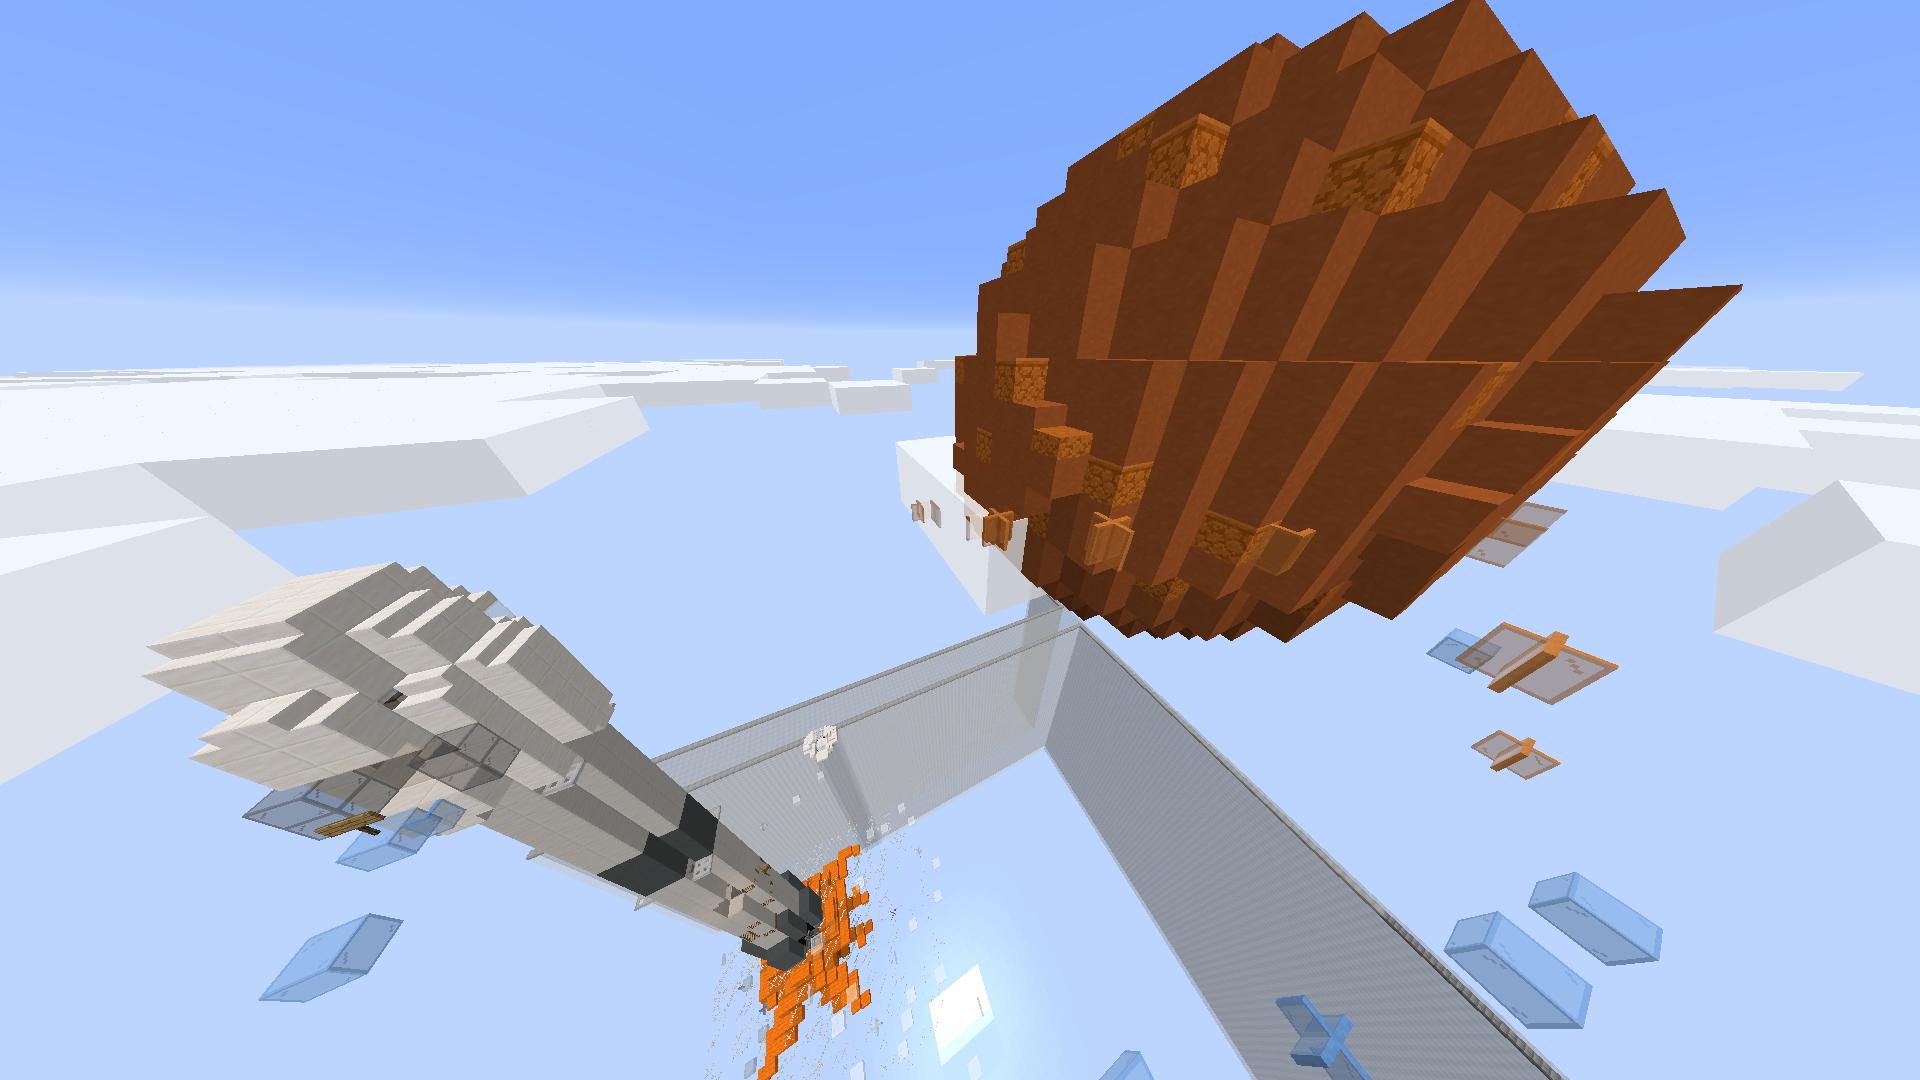 Minecraft 1.15.2 - Multijugador (de terceros) 22_05_2020 23_37_19.png